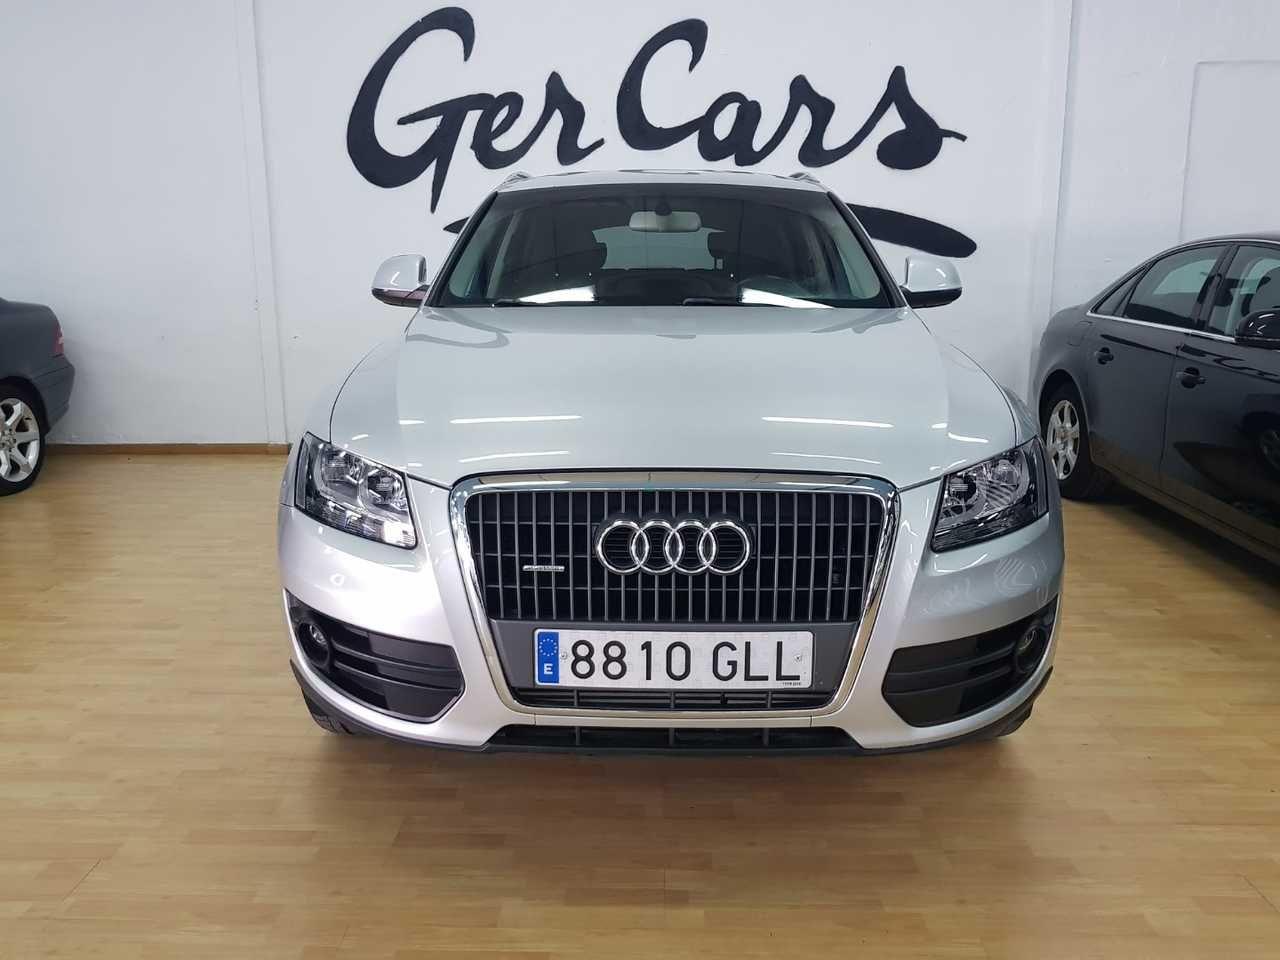 Audi Q5 2.0 2.0TDI 170CV QUATTRO: Vehículos de ocasión de Gercars